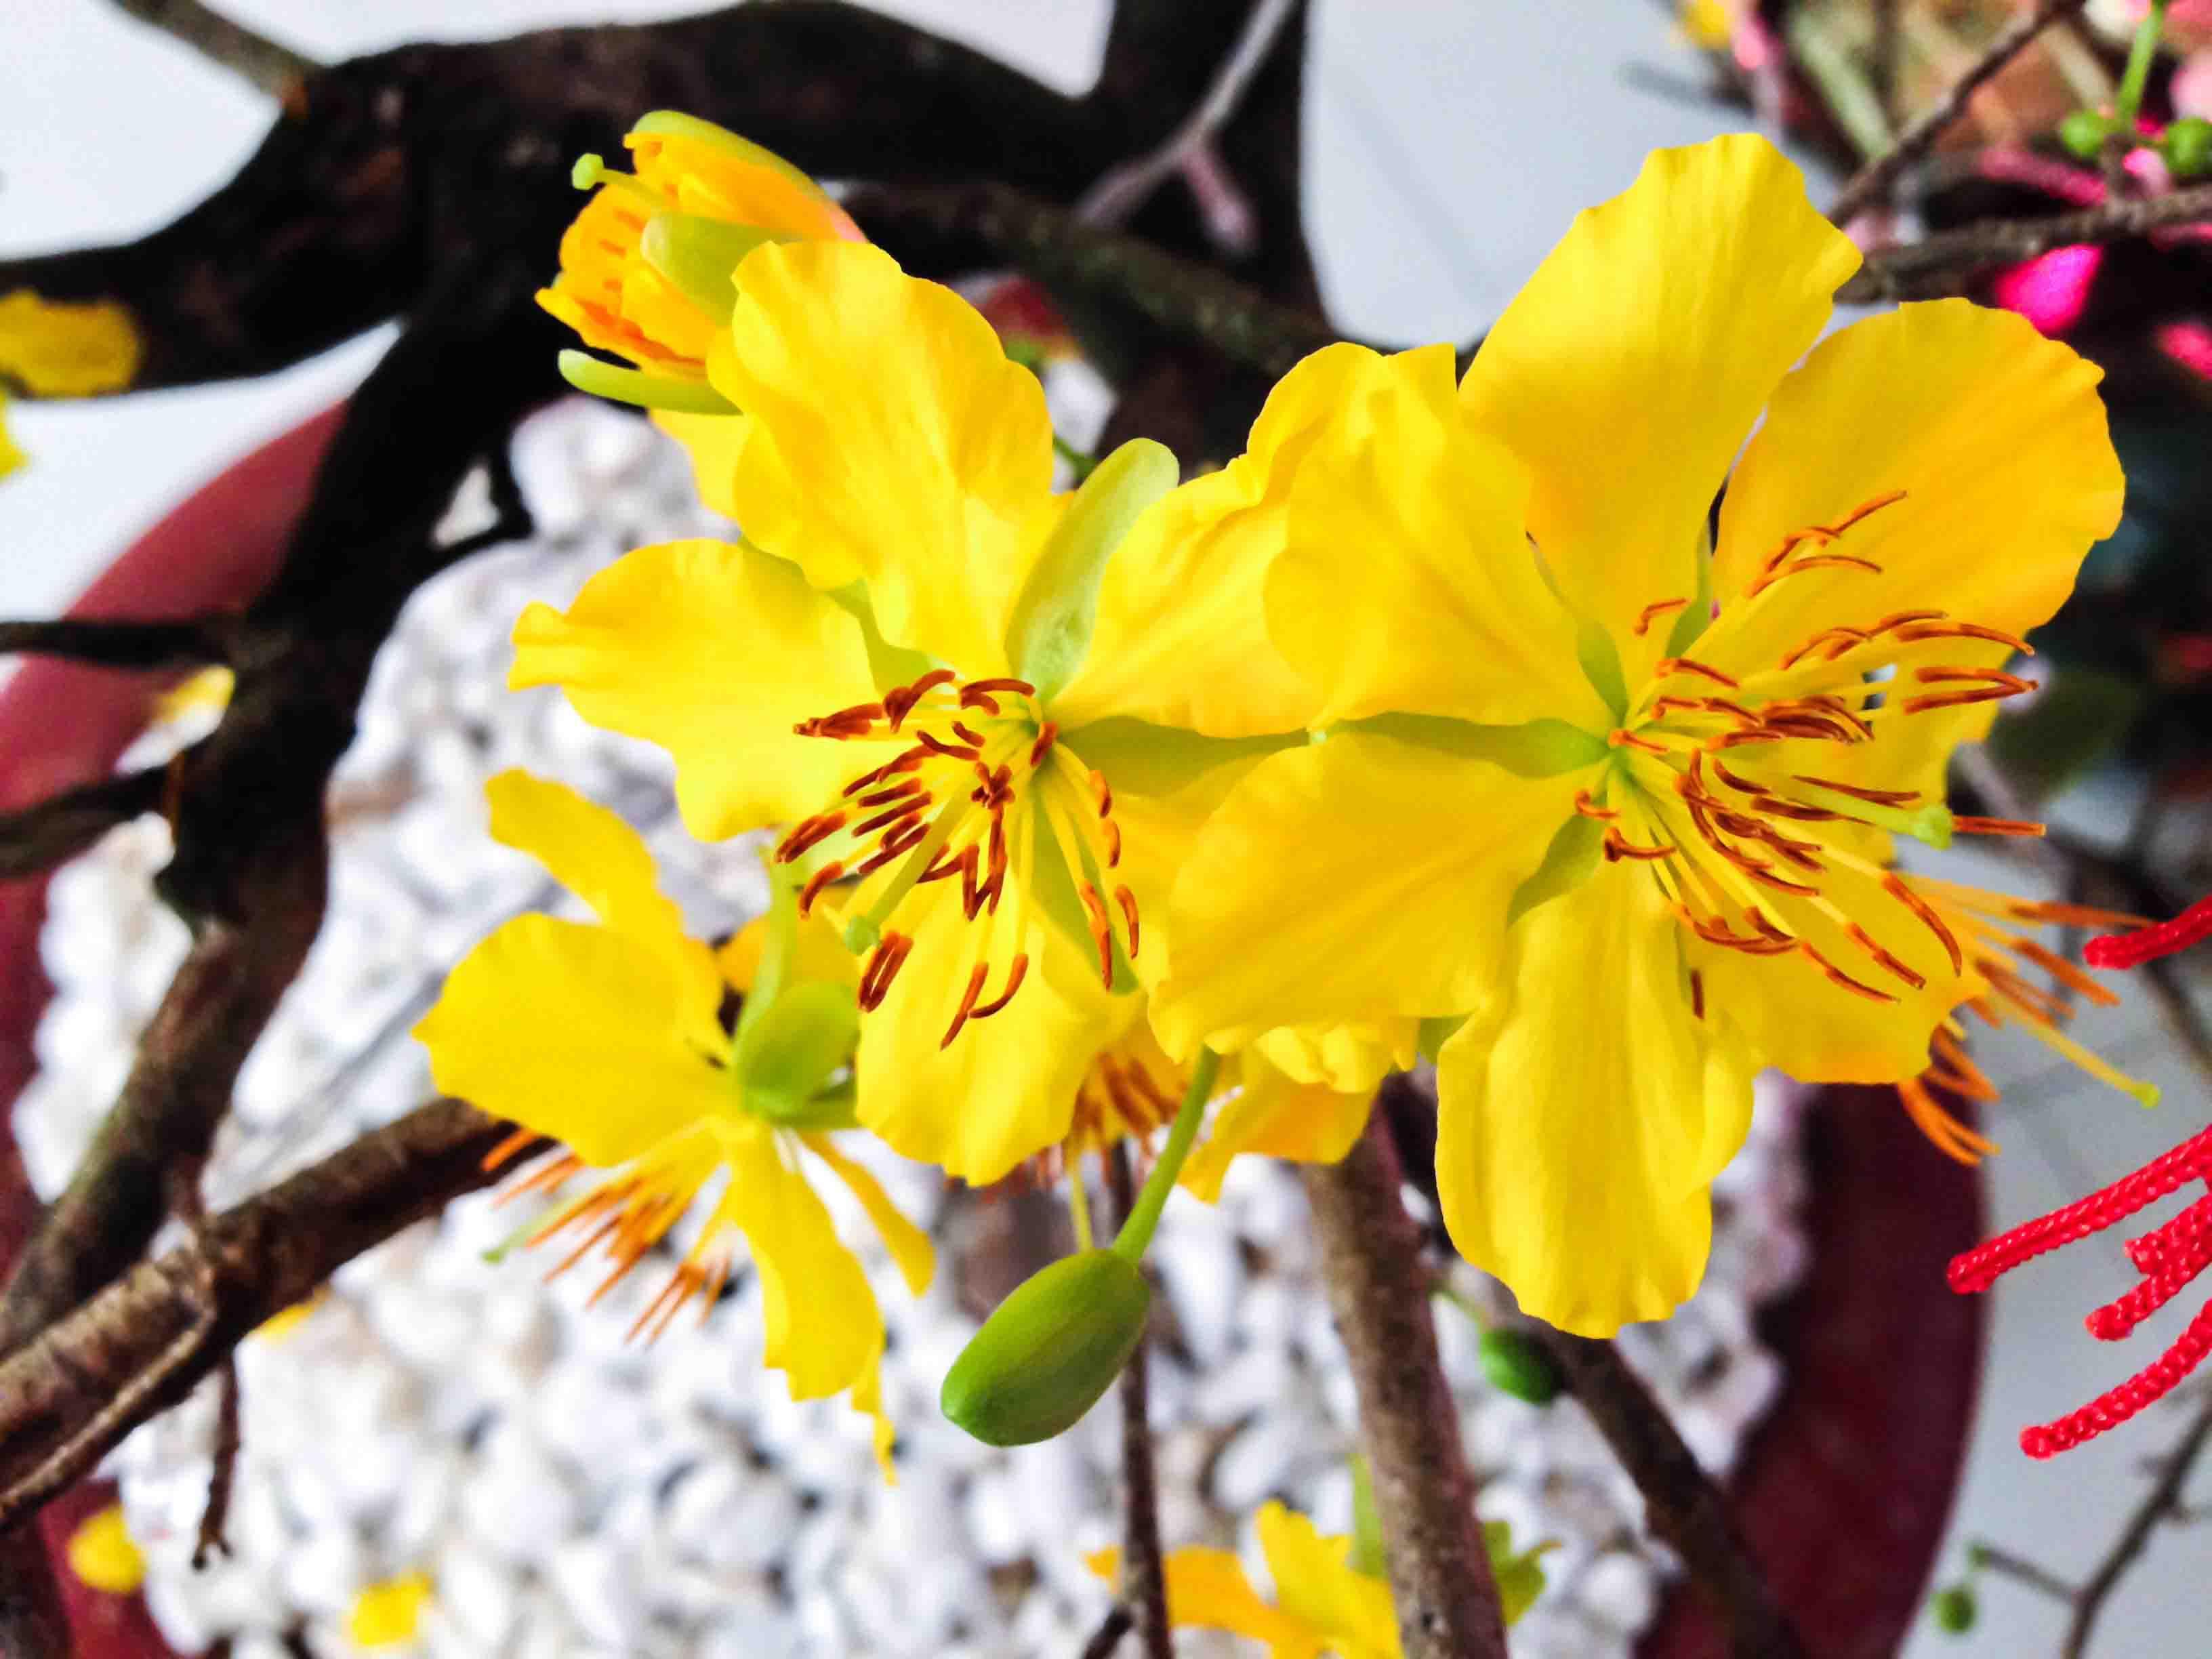 Hình ảnh những bông mai vàng nhụy đỏ rất đẹp